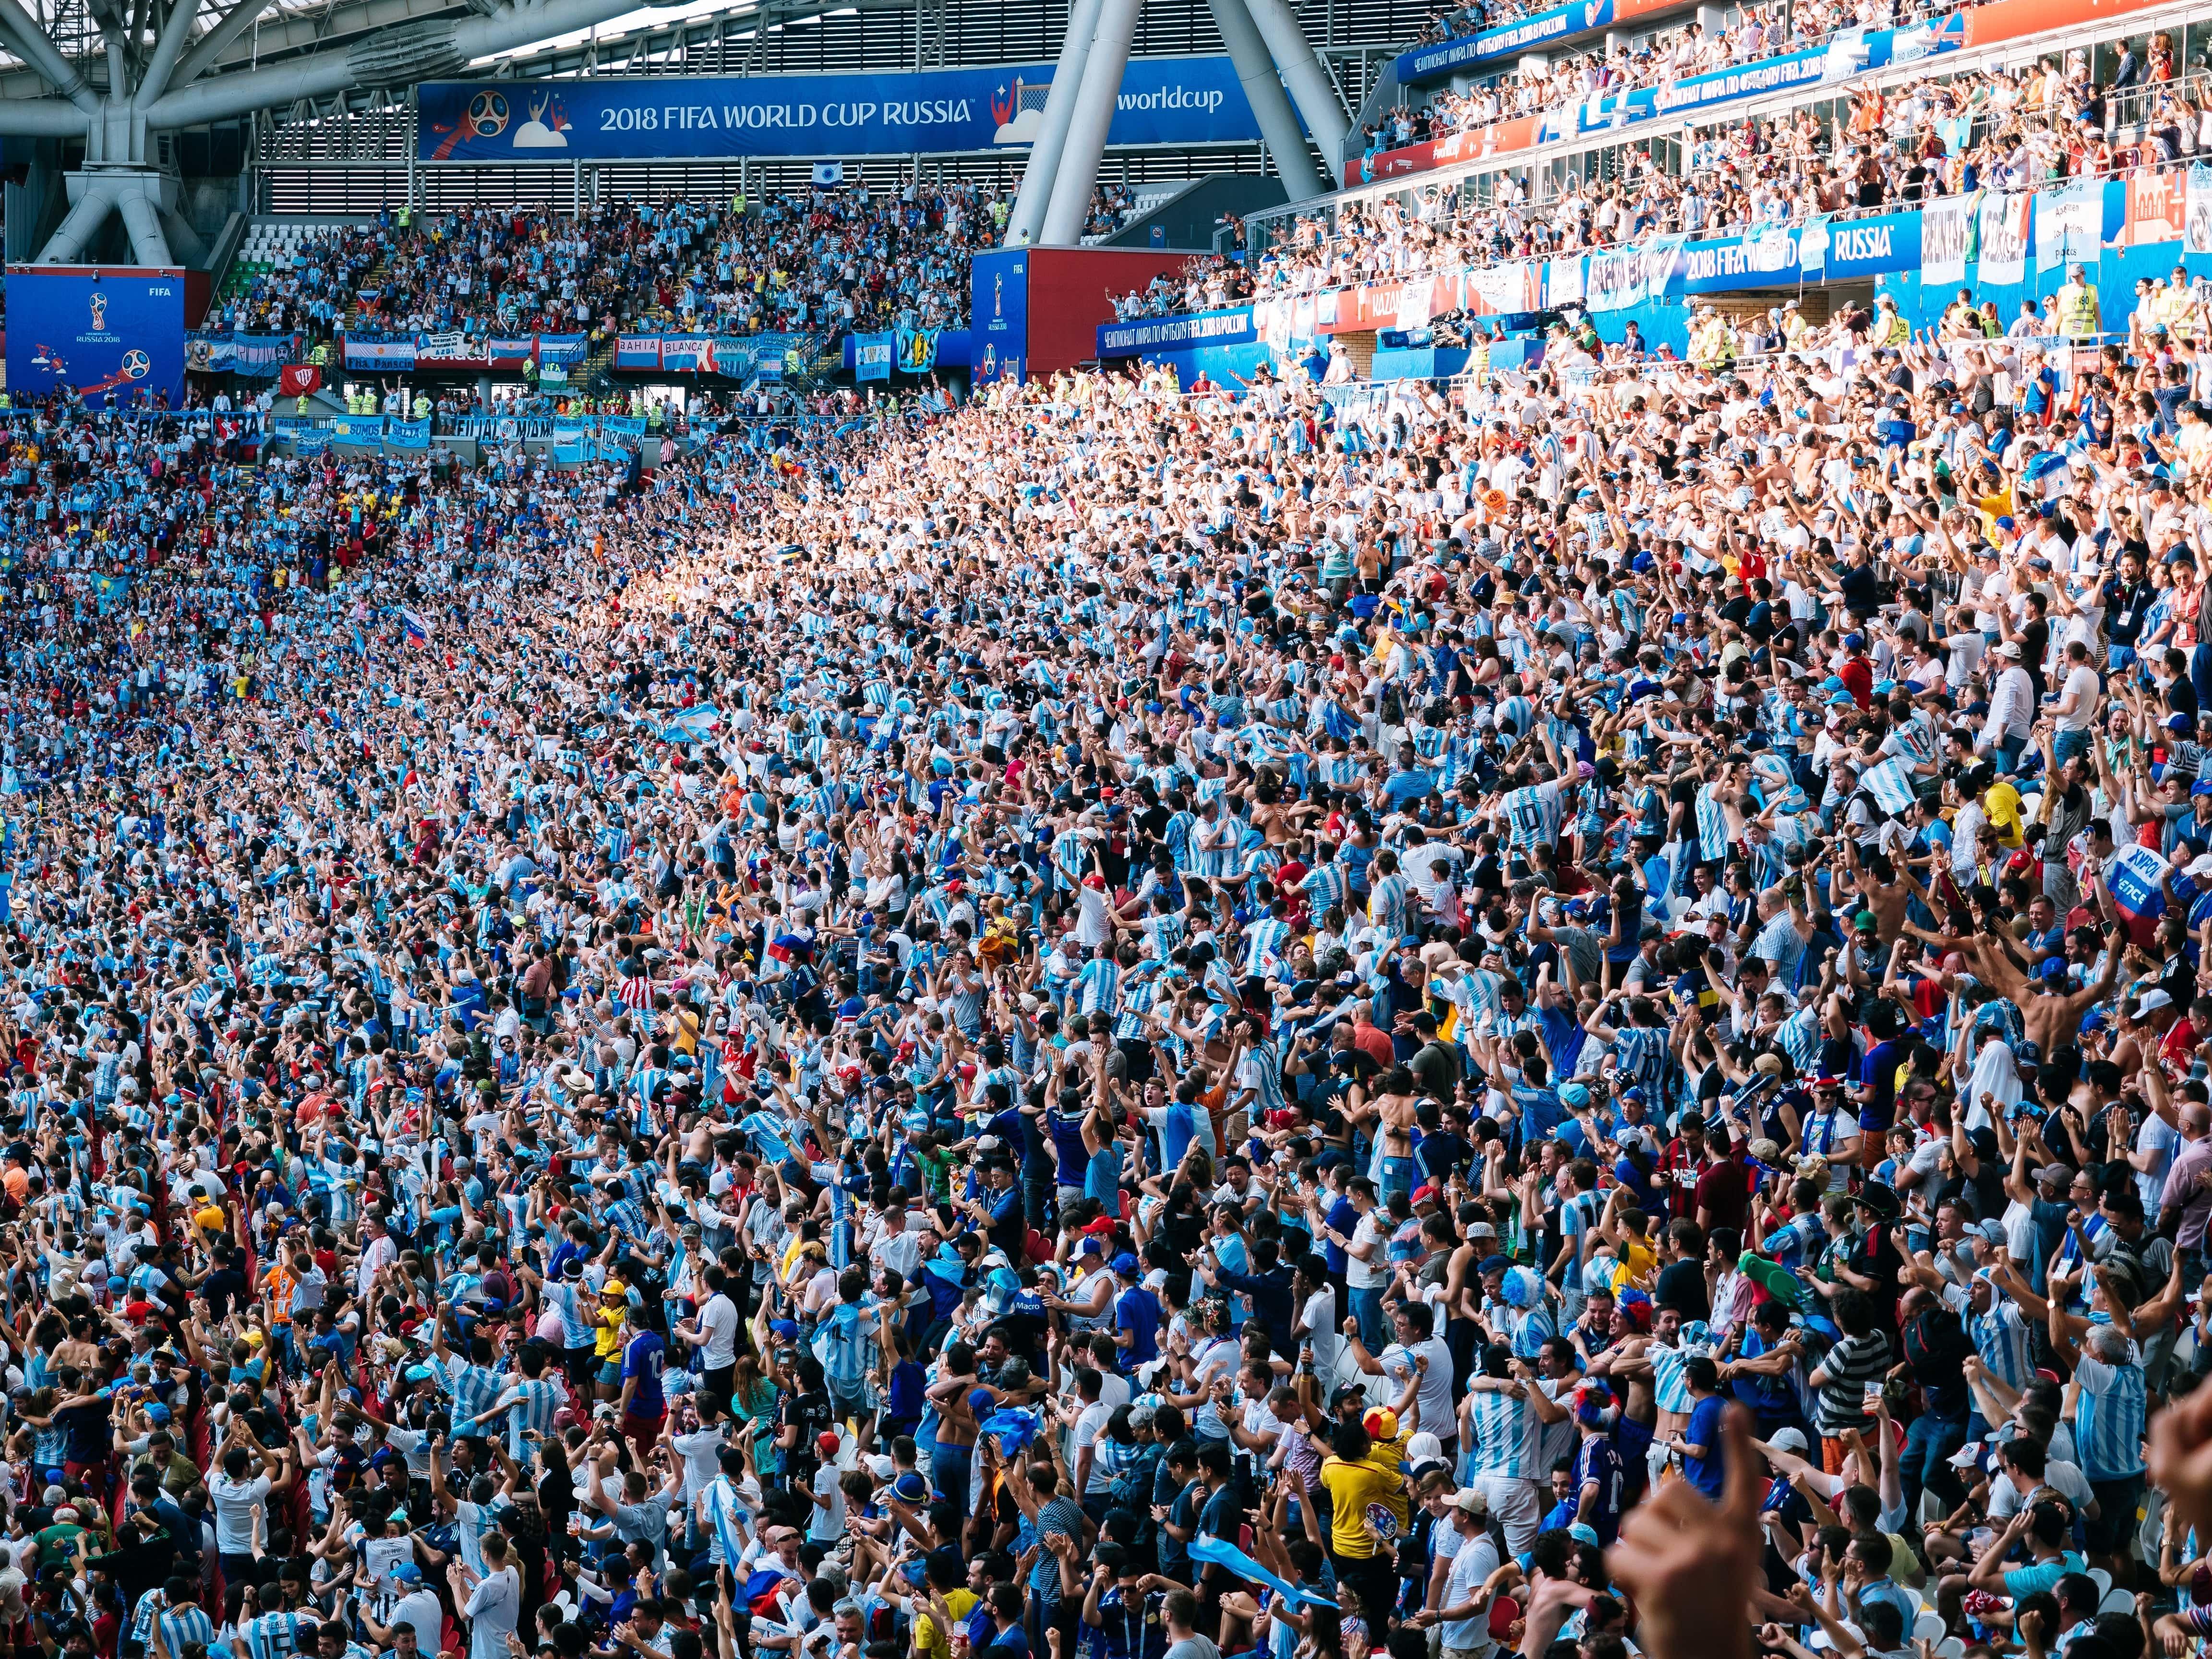 Bald darf wieder gegrölt und gejubelt werden – allerdings von der Couch aus. Denn aller Voraussicht nach will die Bundesliga den Betrieb am 15. Mai wieder aufnehmen und zumindest Geisterspiele ohne Zuschauer durchführen.